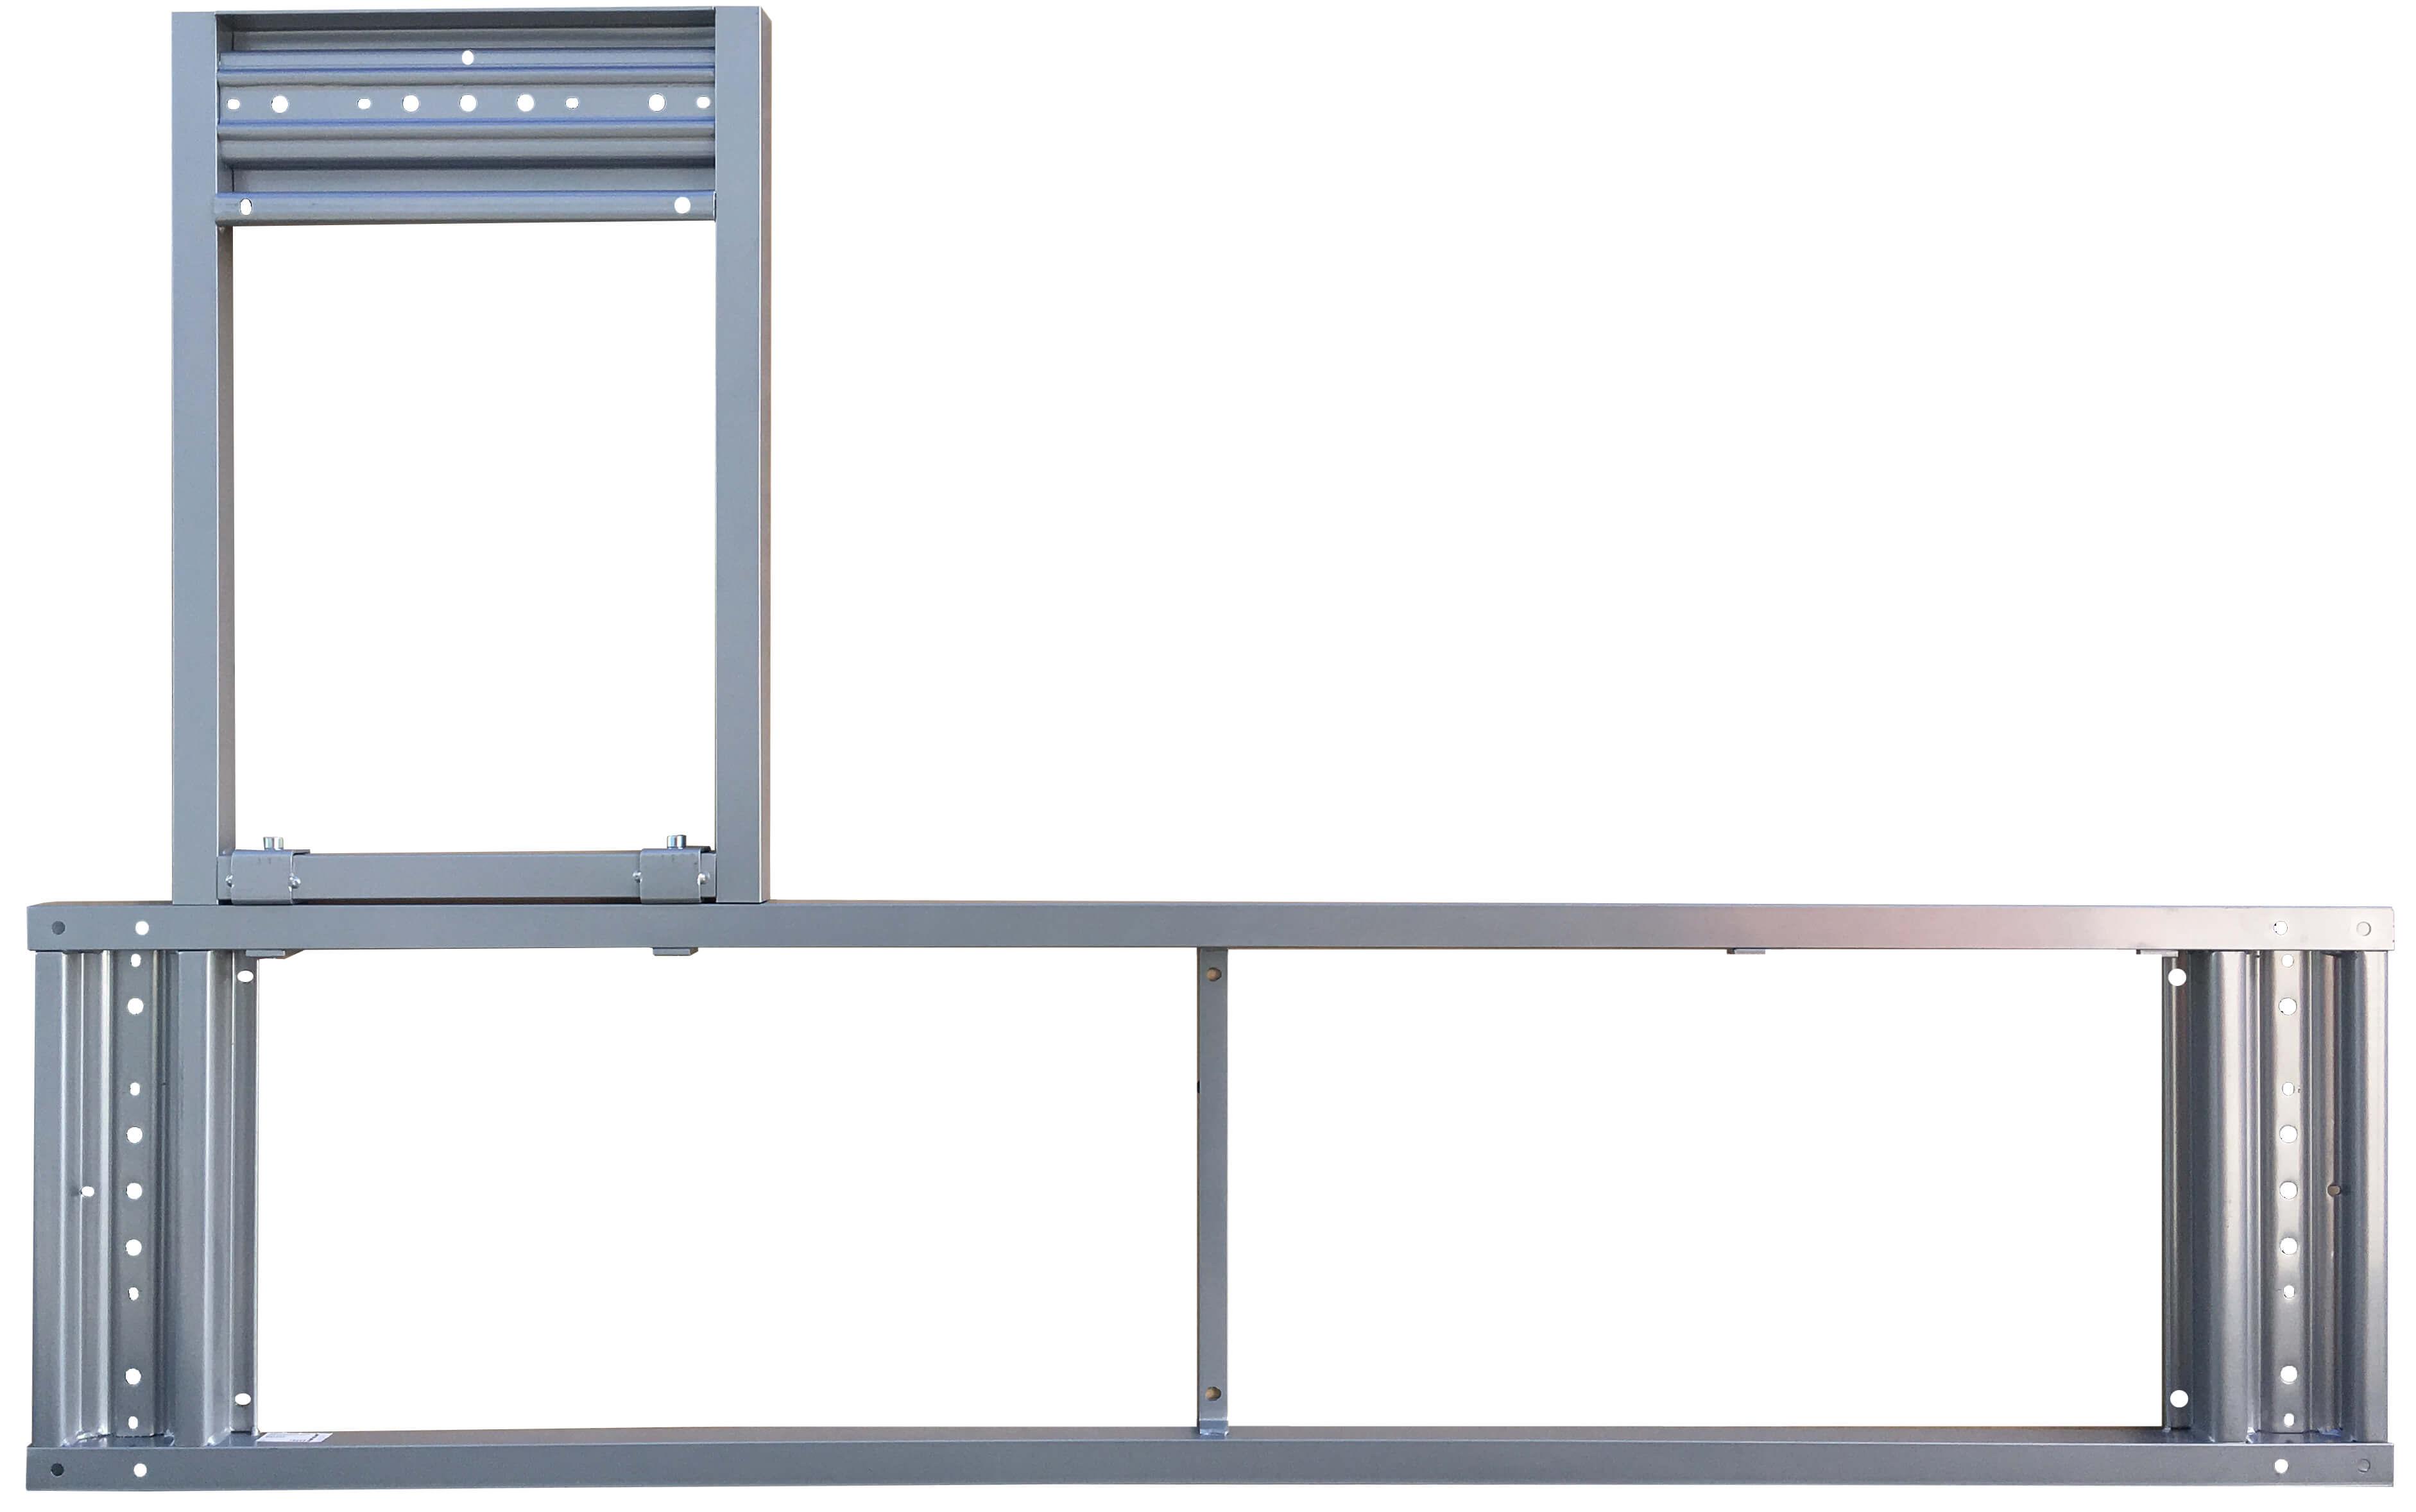 ikea galant rahmen für ecktischplatten 160x120cm 600.568.81-60056881